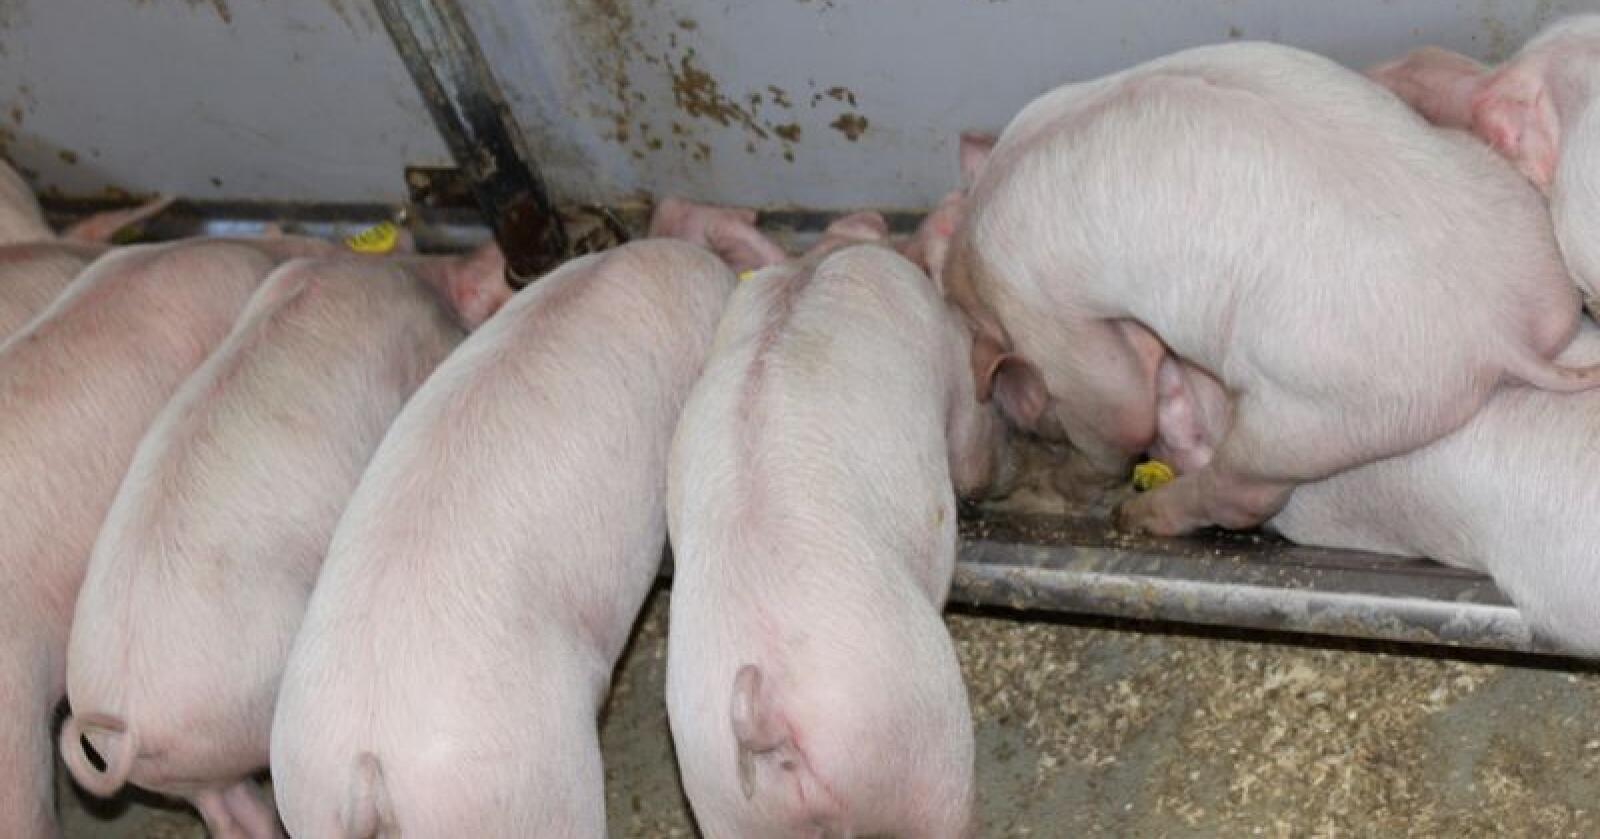 Ring ditt lokale Mattilsyn om du opplever akutt fôrmangel. Arkivfoto: Øystein Heggdal